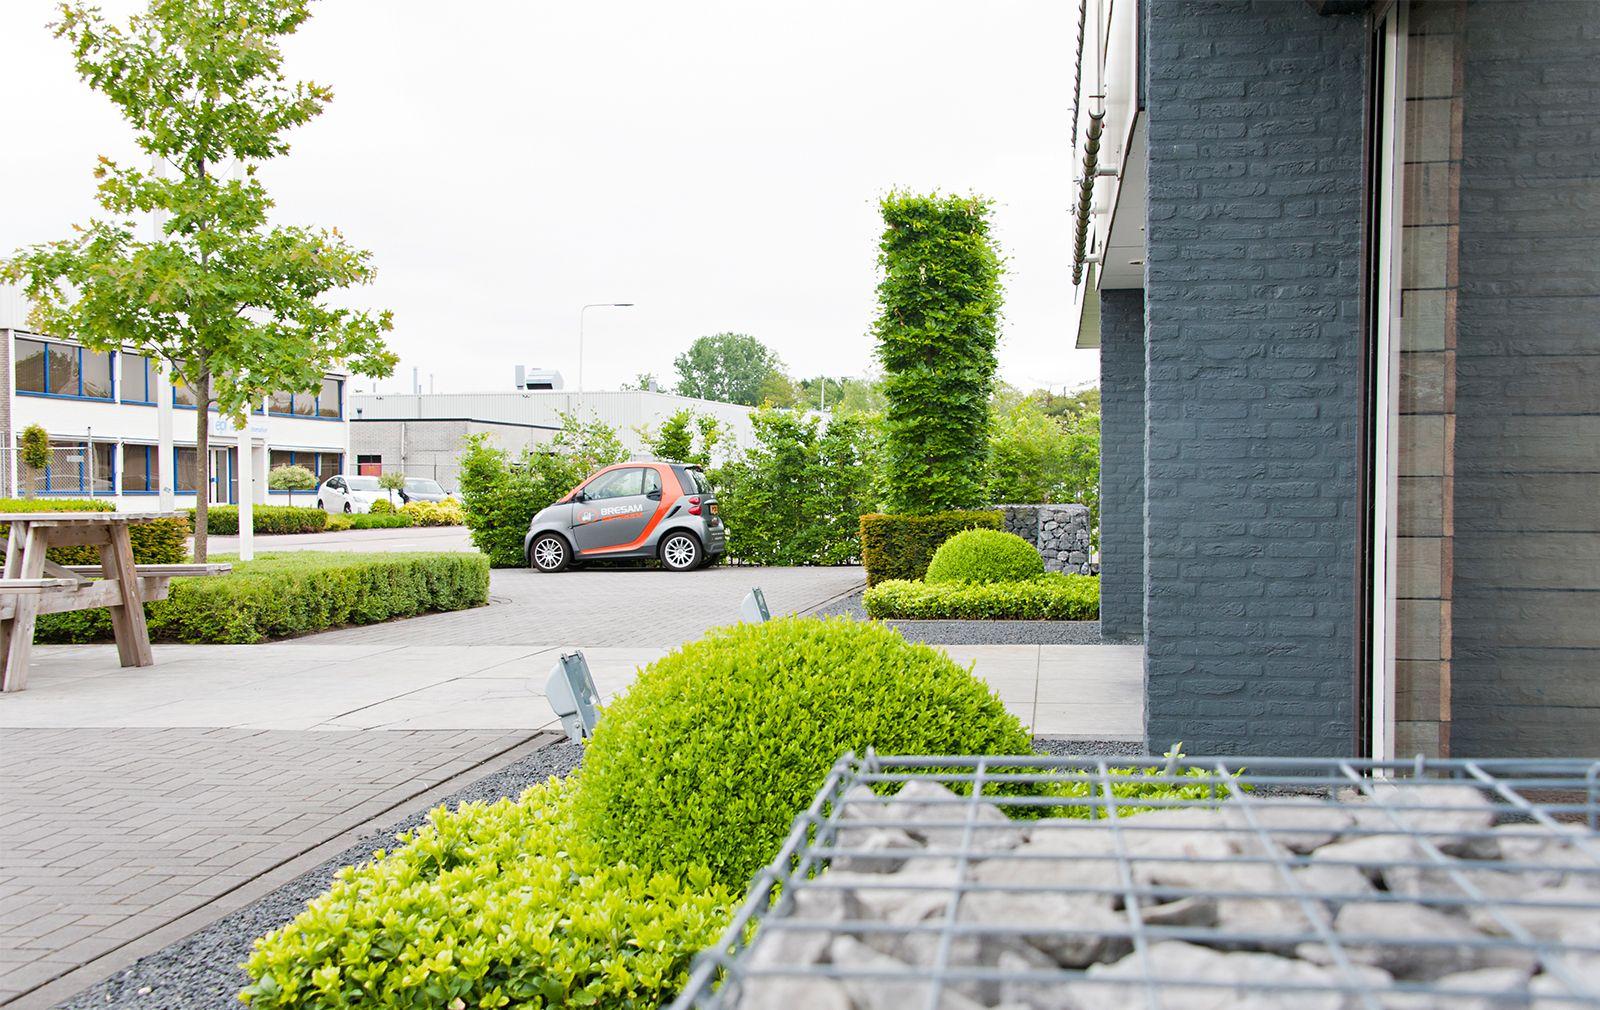 Bedrijfstuin In Etten Leur Jansen Hoveniers Tuinprojecten Groene Bloemen Groen